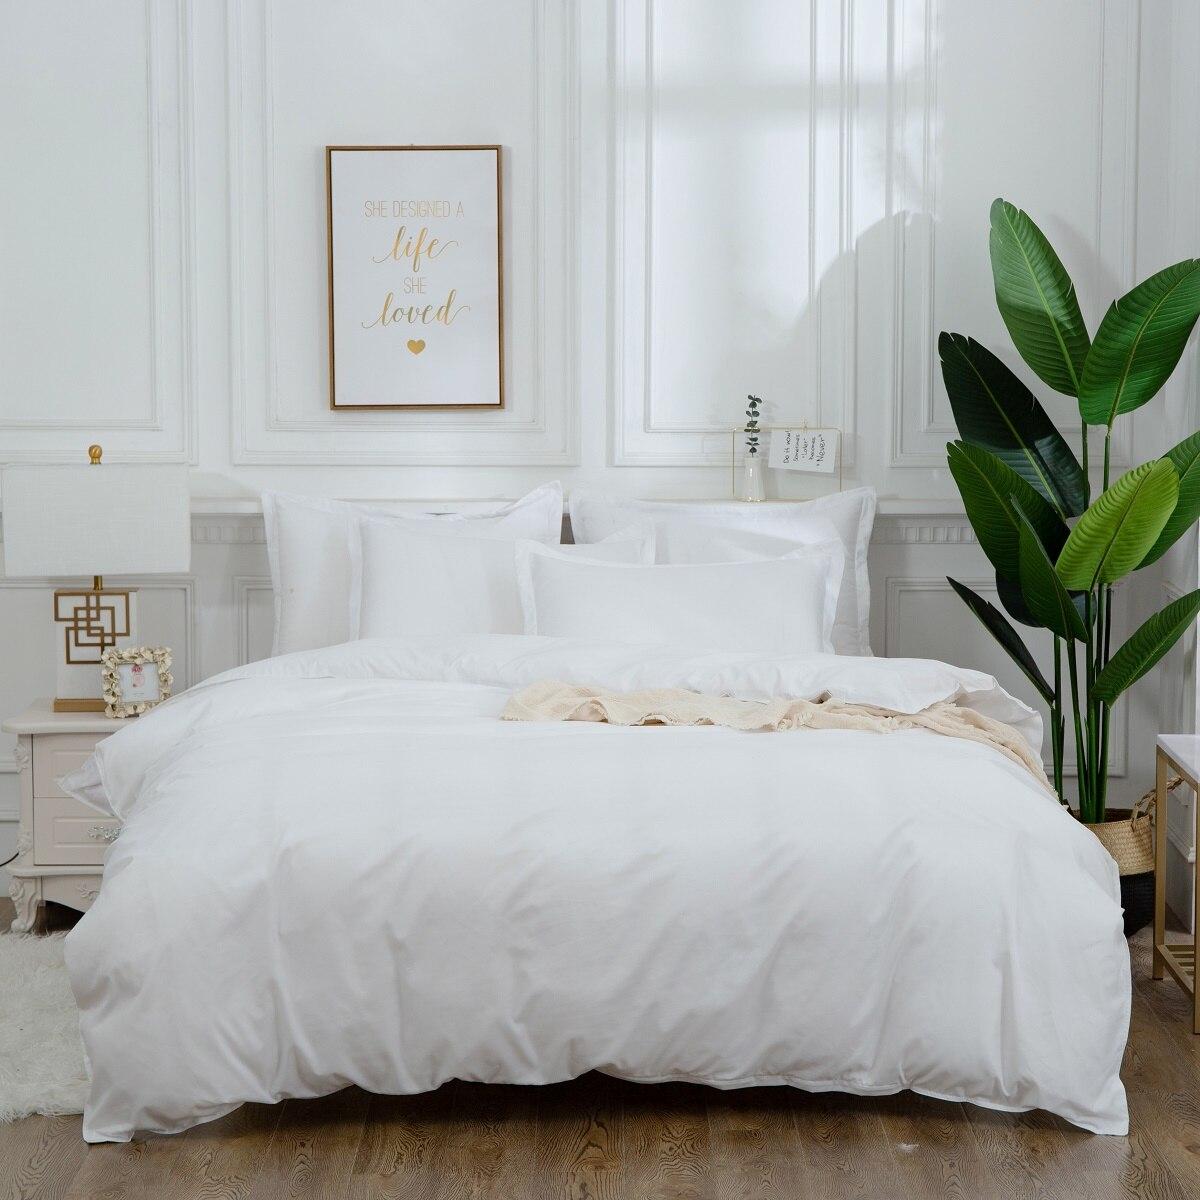 الأبيض غطاء لحاف للفنادق المخدة شريط هندسي أسود أحمر رمادي بسيط طقم سرير 2 أو 3 قطعة الصبي التين الكبار الفتيات